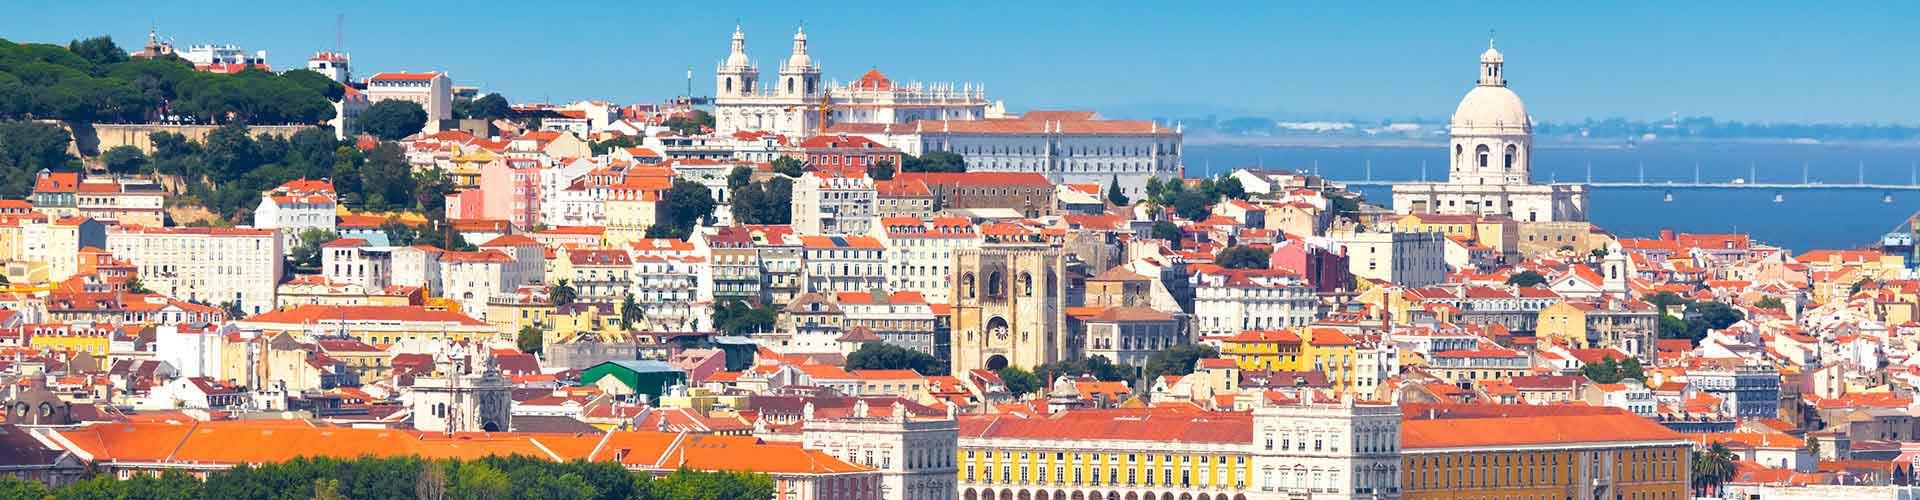 Lissabon – Hostellit kaupungiosassa Anjos. Lissabon -karttoja, valokuvia ja arvosteluja kaikista Lissabon -hostelleista.